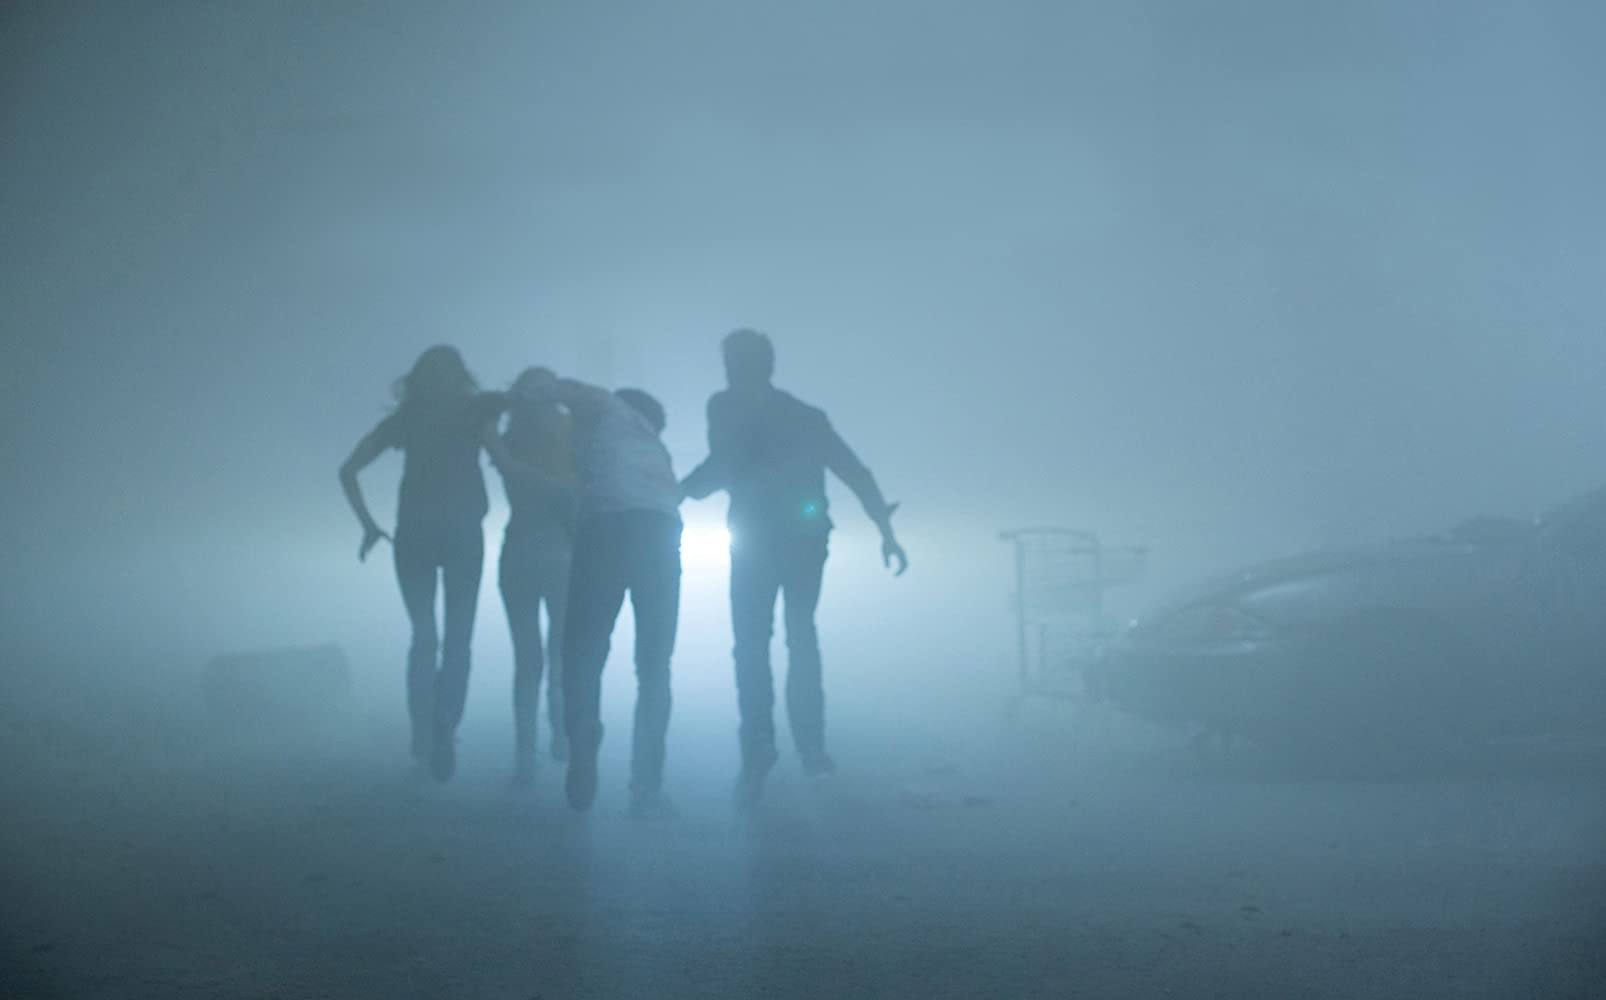 The Mist 1ª Temporada